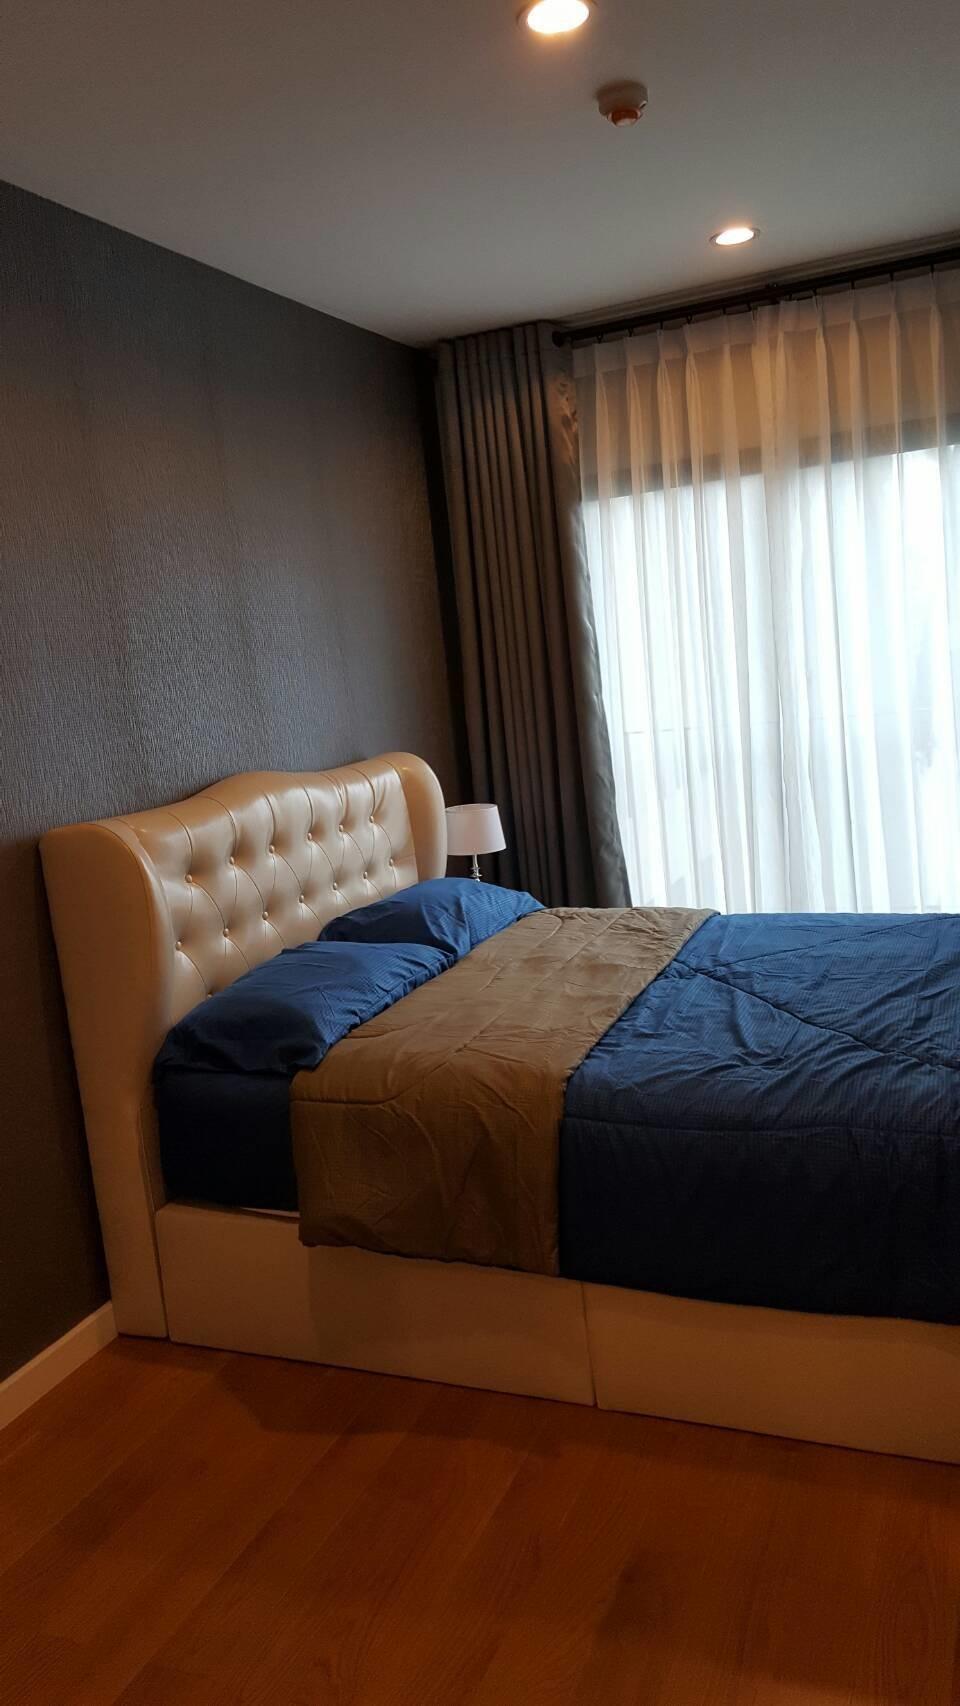 รูปของประกาศขายคอนโดคอนโดเลต ดเวล สุขุมวิท 26(1 ห้องนอน)(2)